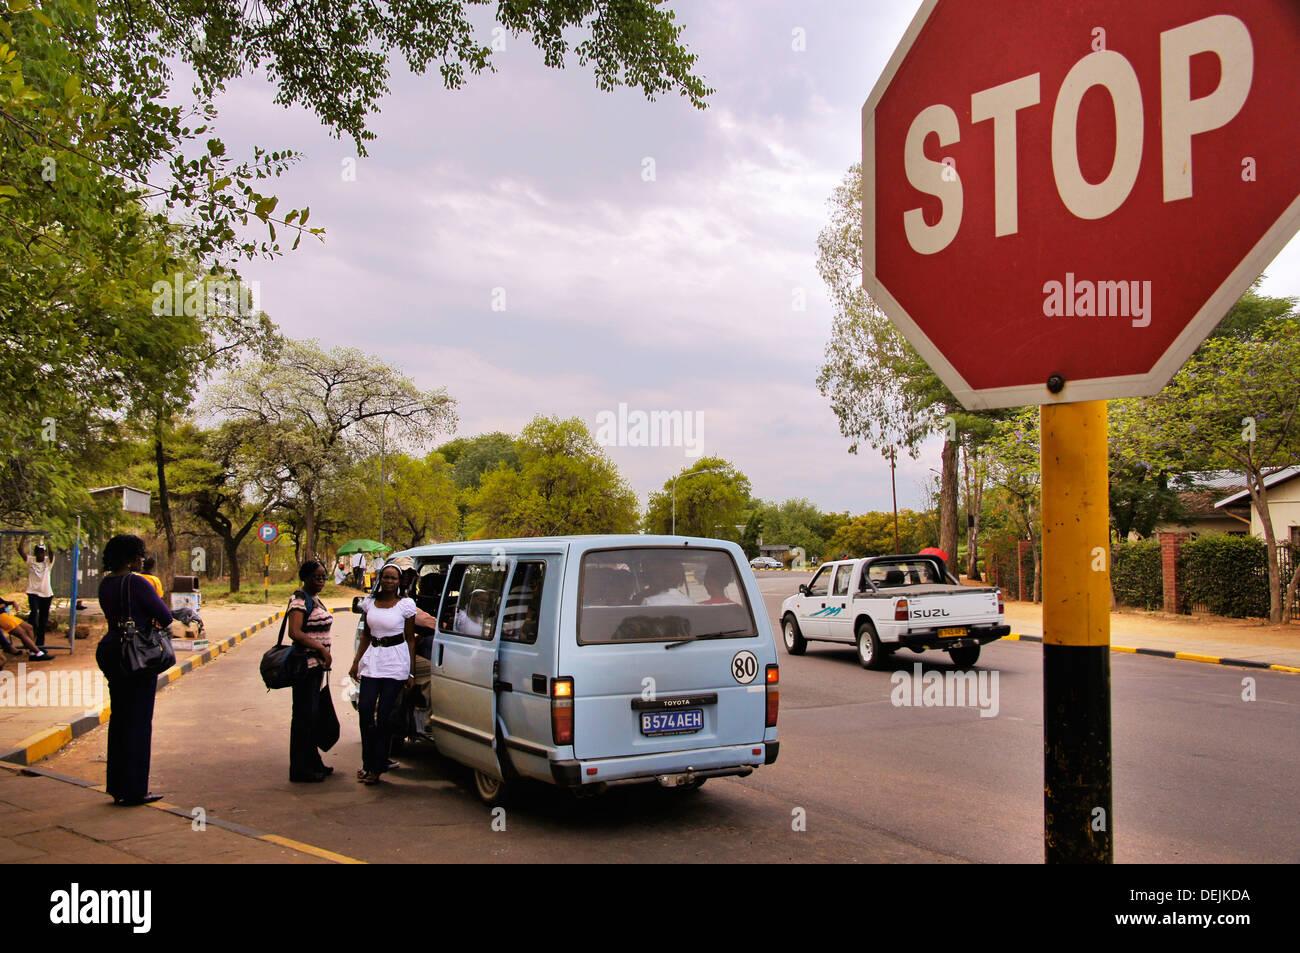 Kleinbusse transportieren in Gaborone, Botswana Stockbild